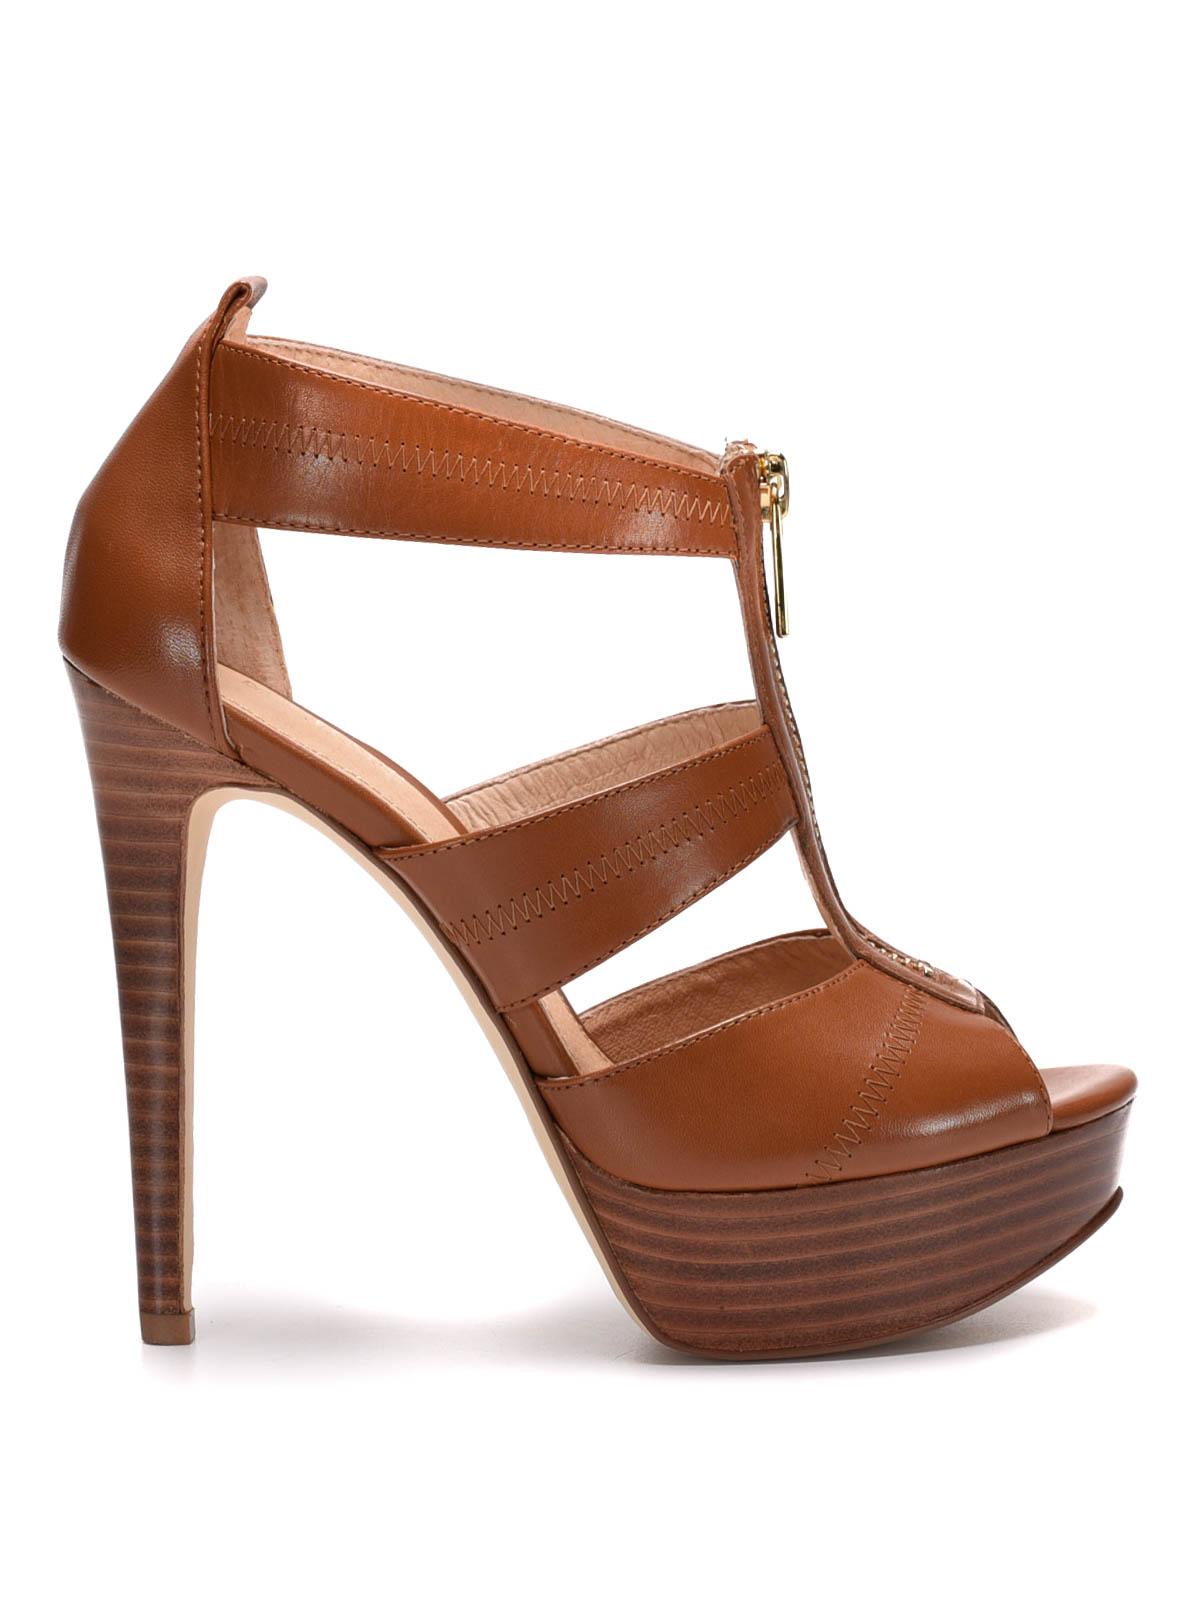 21d357afc8c Michael Kors - Berkley sandals - sandals - 40R3BRHA1L